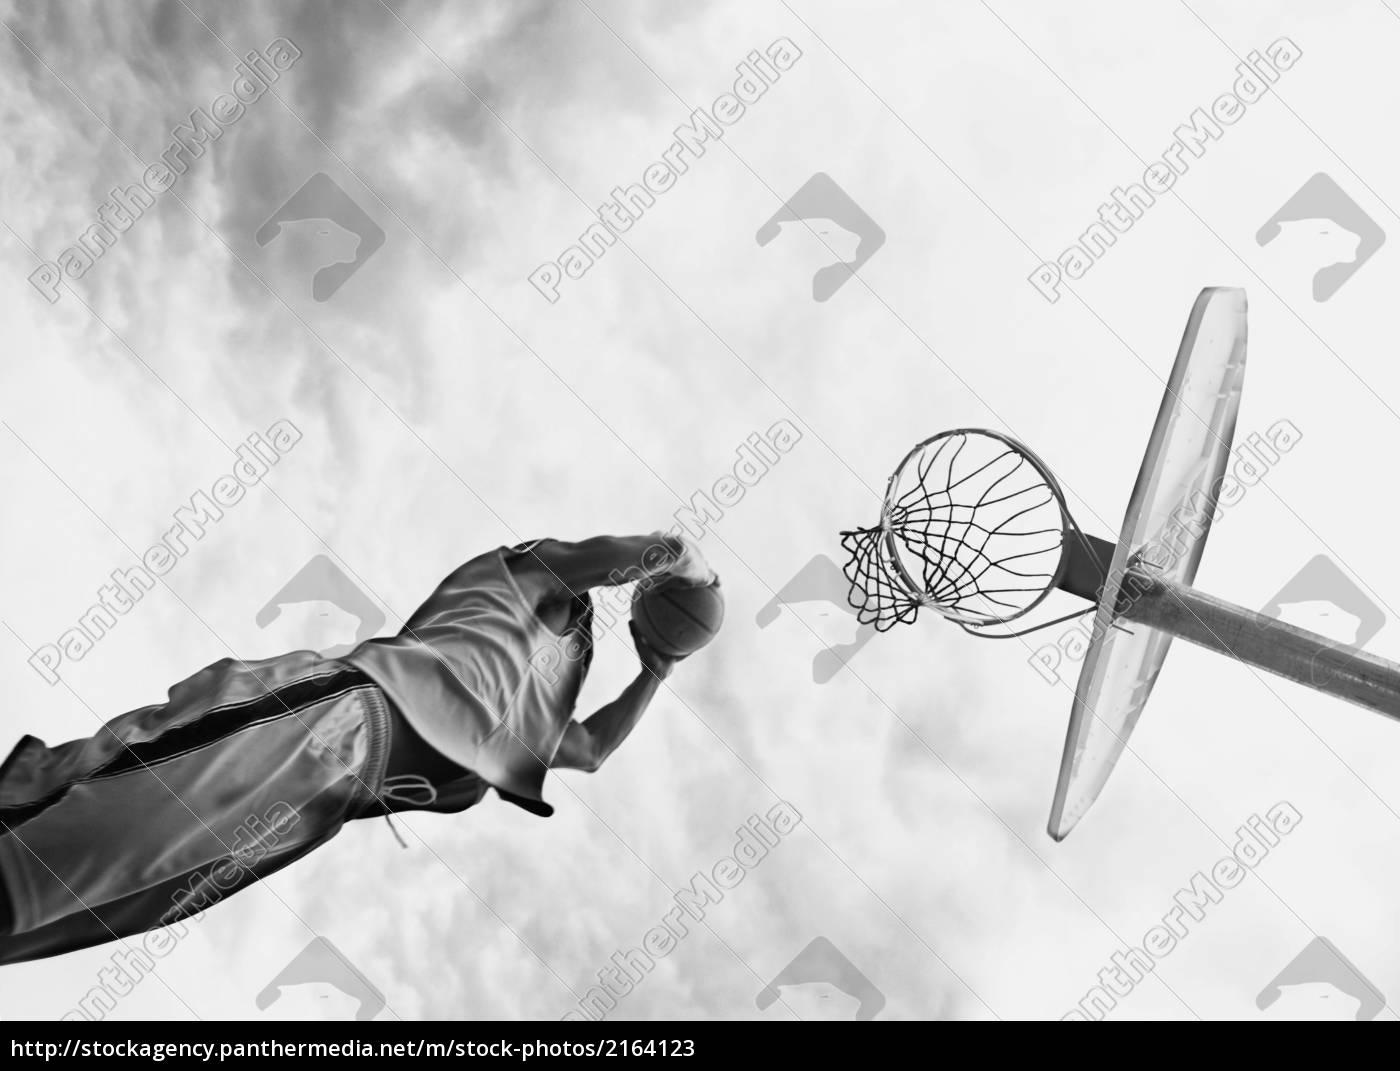 człowiek, gra, w, koszykówkę - 2164123